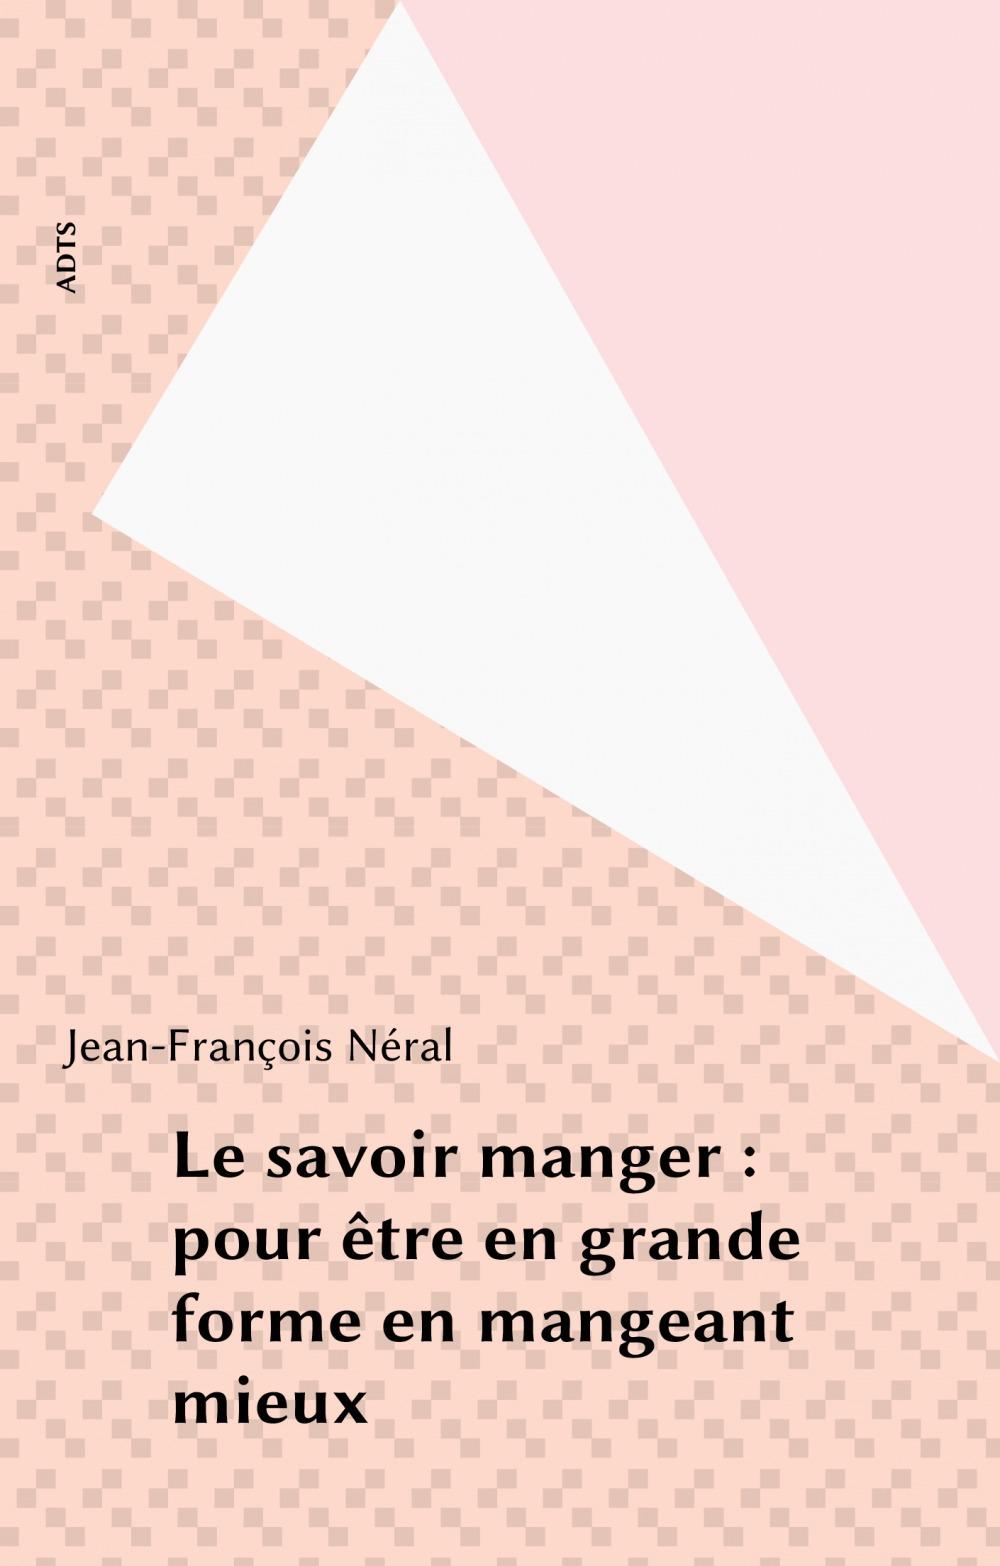 Le savoir manger : pour être en grande forme en mangeant mieux  - Jean-Francois Neral